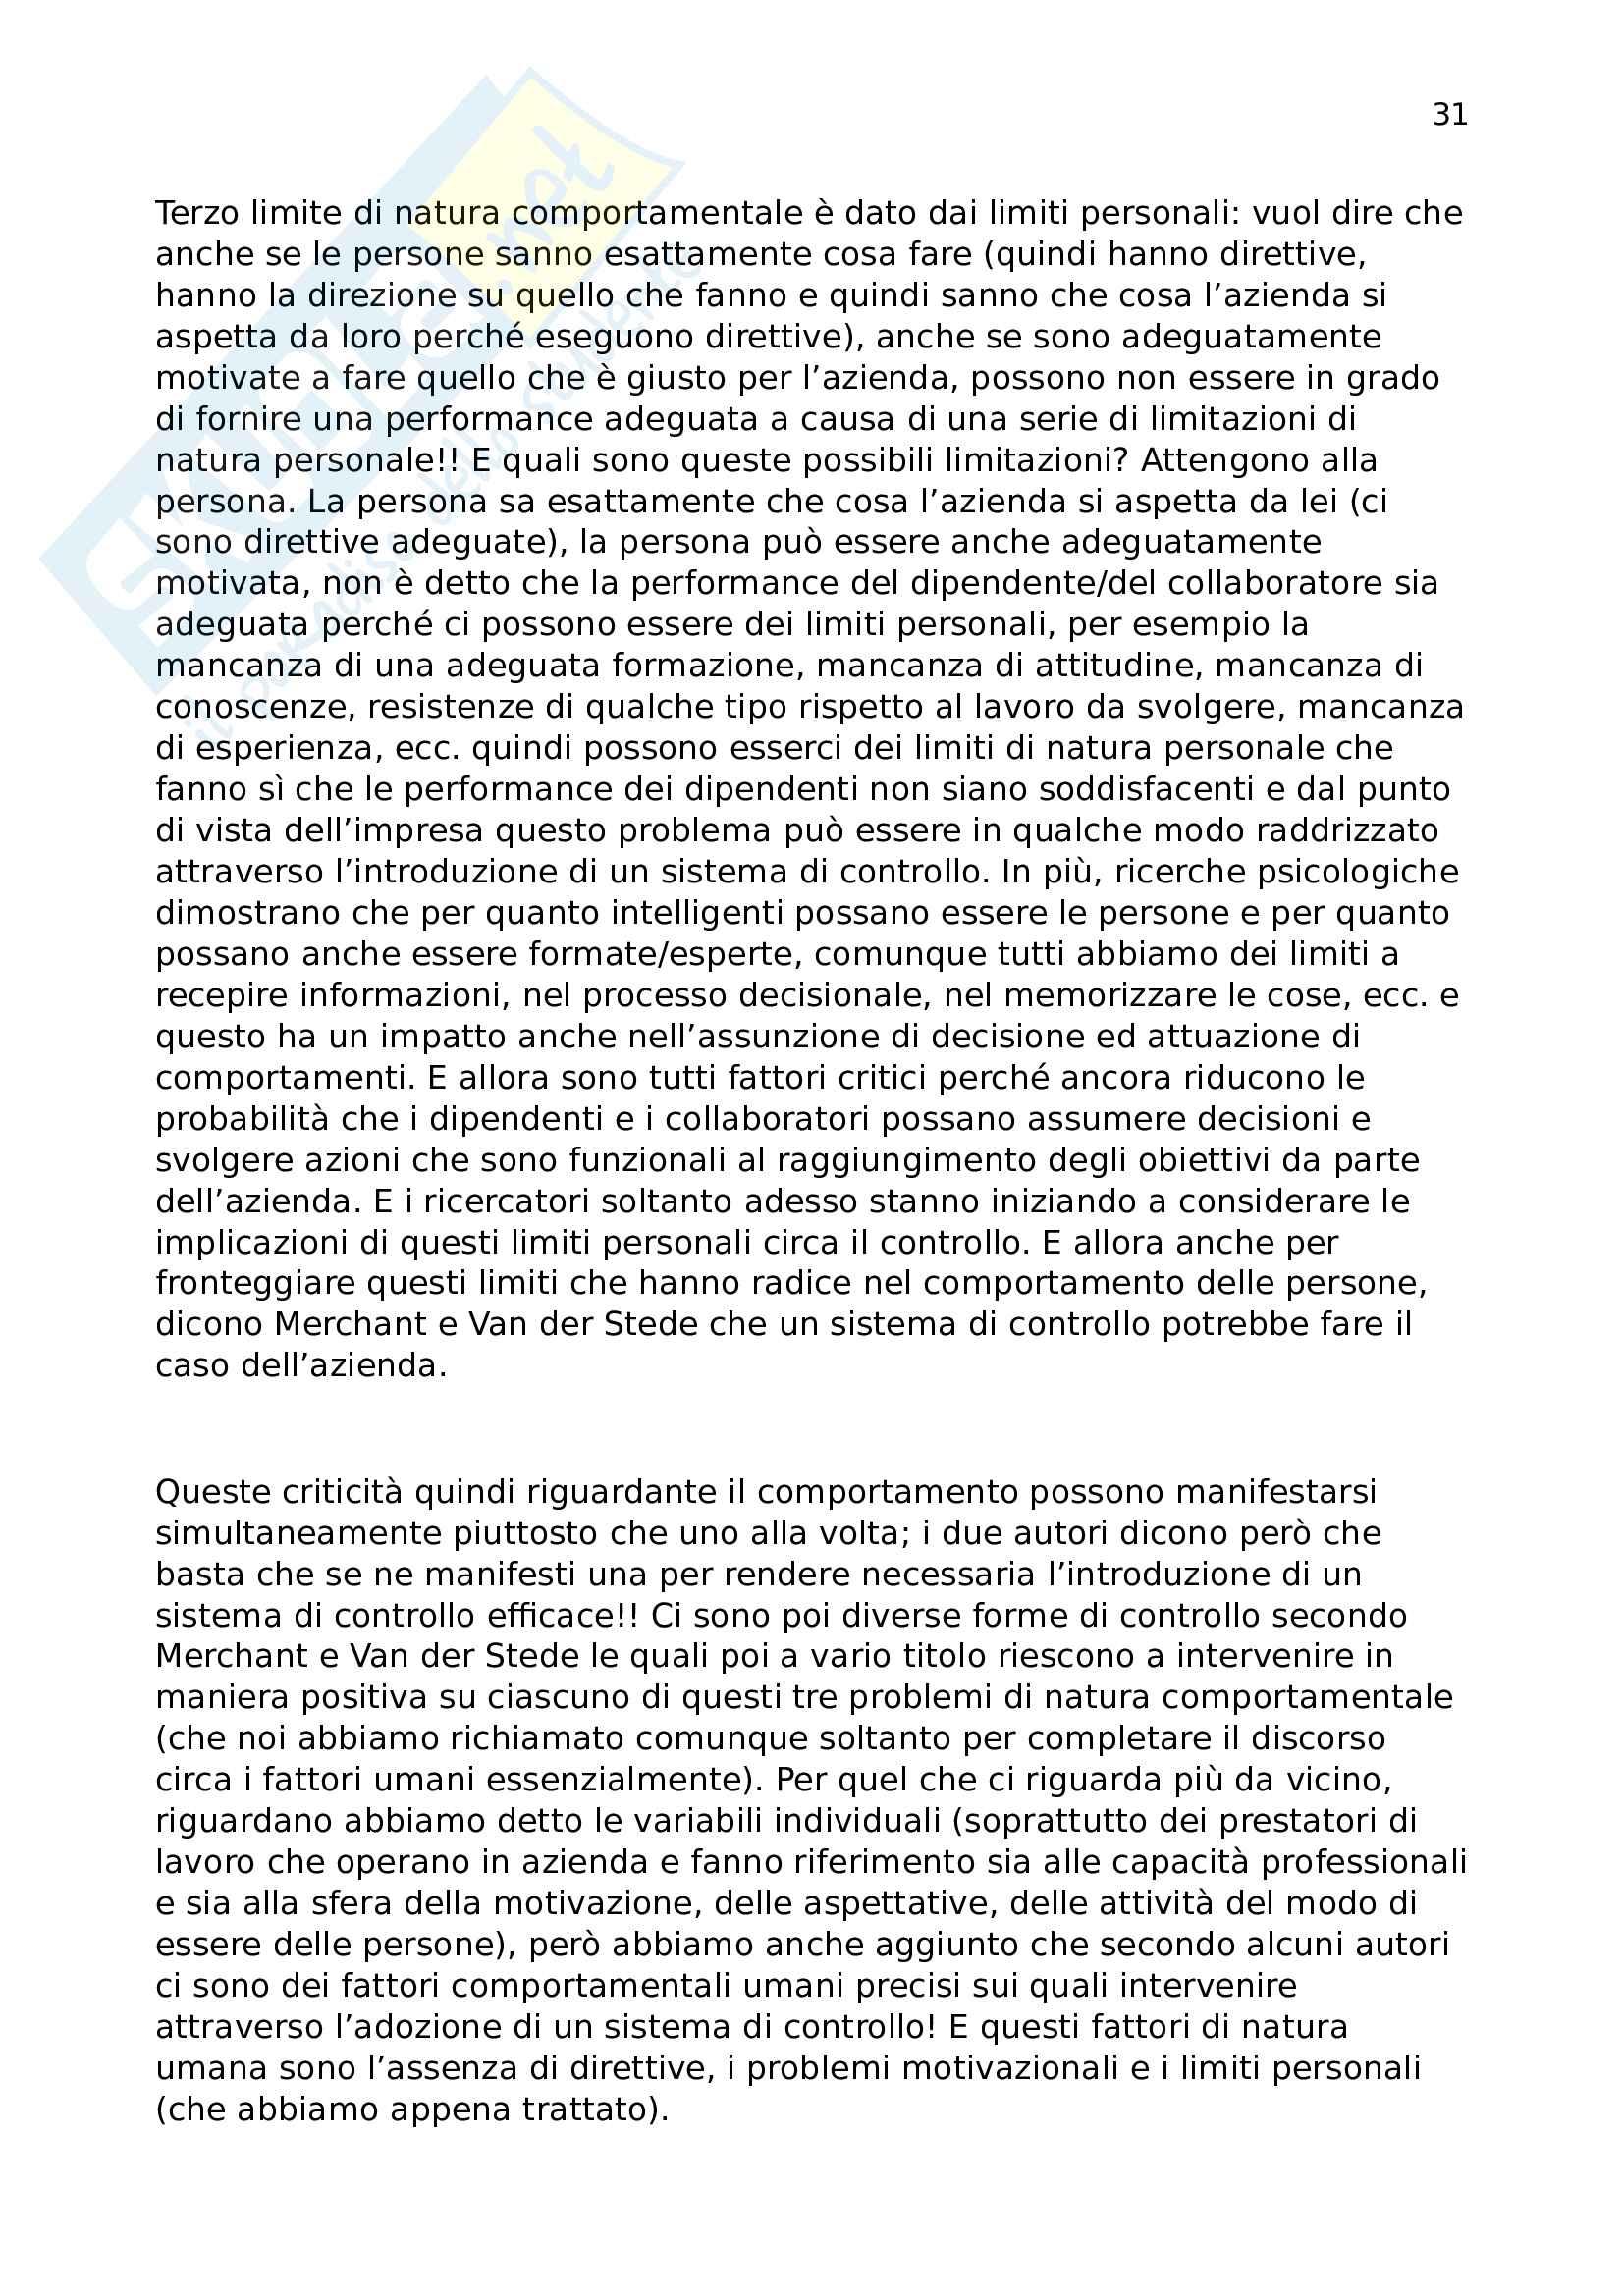 Programmazione e controllo Pag. 31